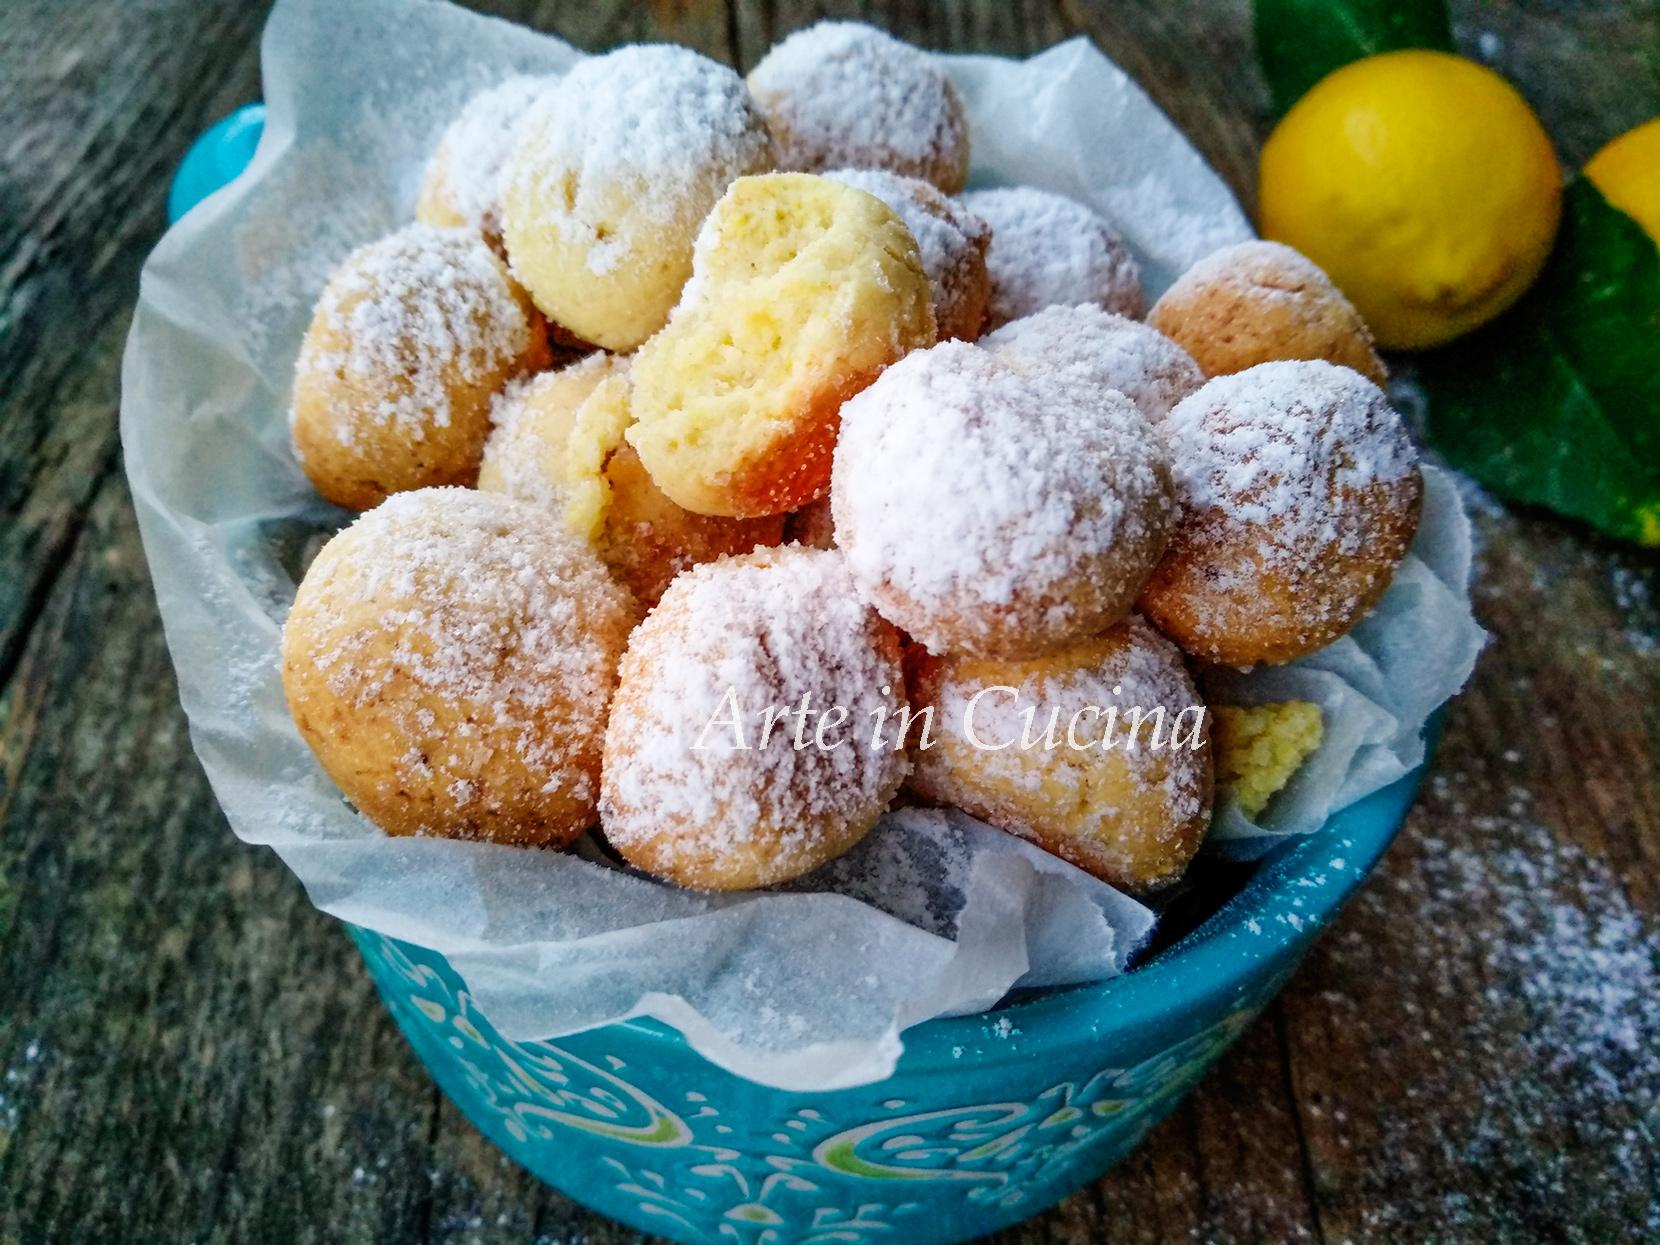 Pepite dolci al limone ricetta veloce vickyart arte in cucina